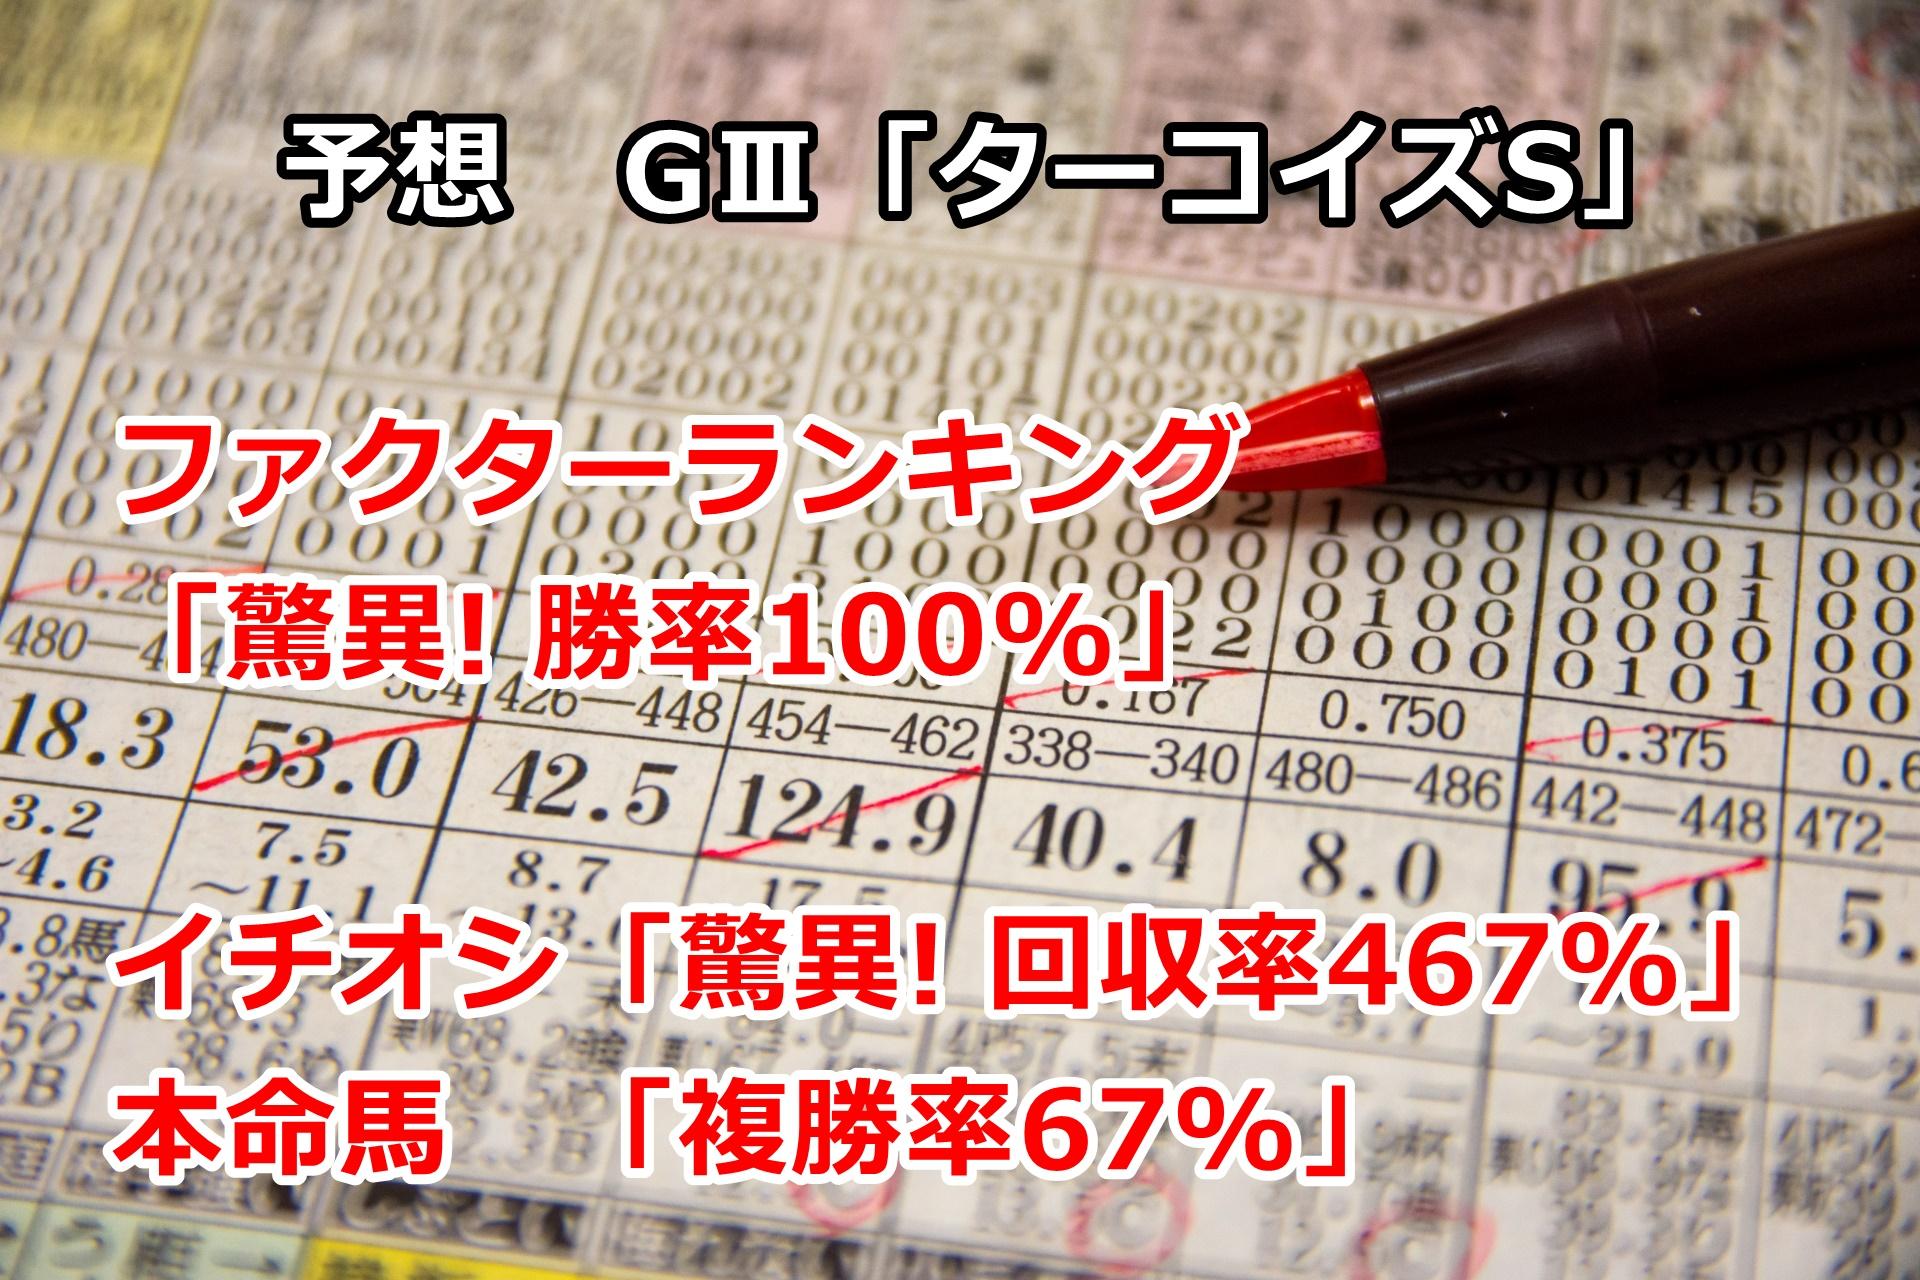 【競馬】ファクターランキング「驚異! 勝率100%」 ターコイズSの予想 第23回